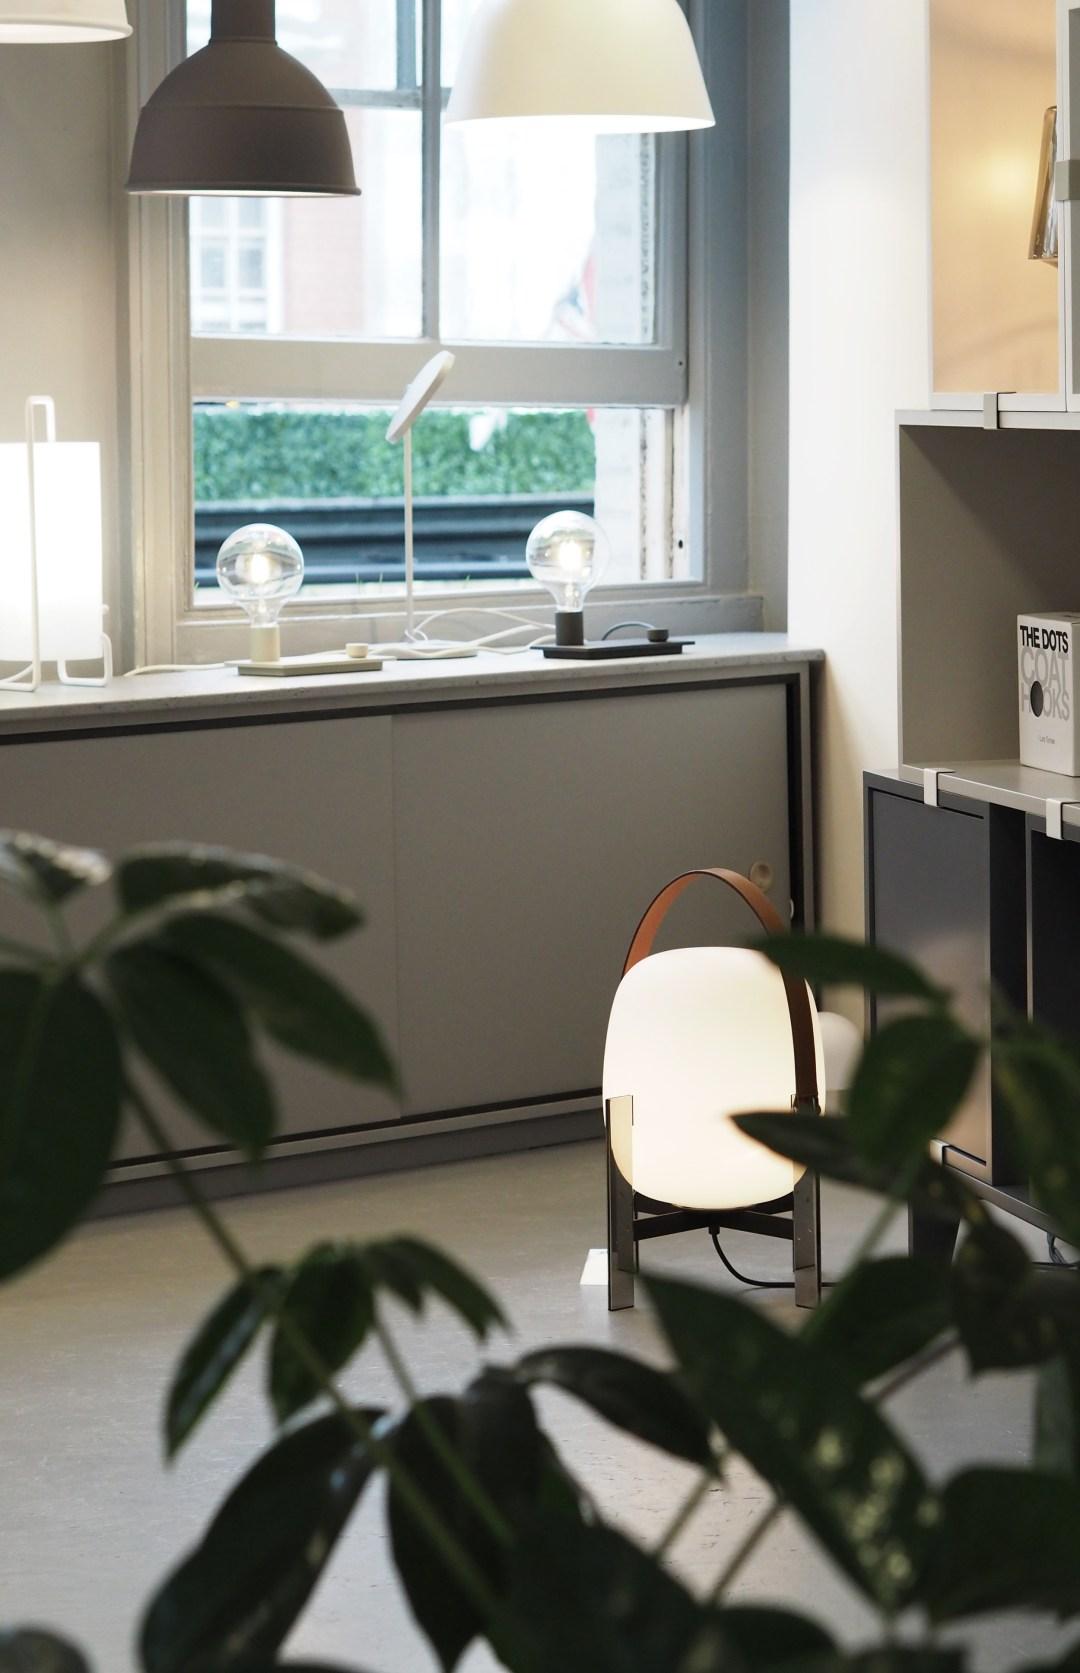 Lighting in Skandium, Scandinavian design shop London